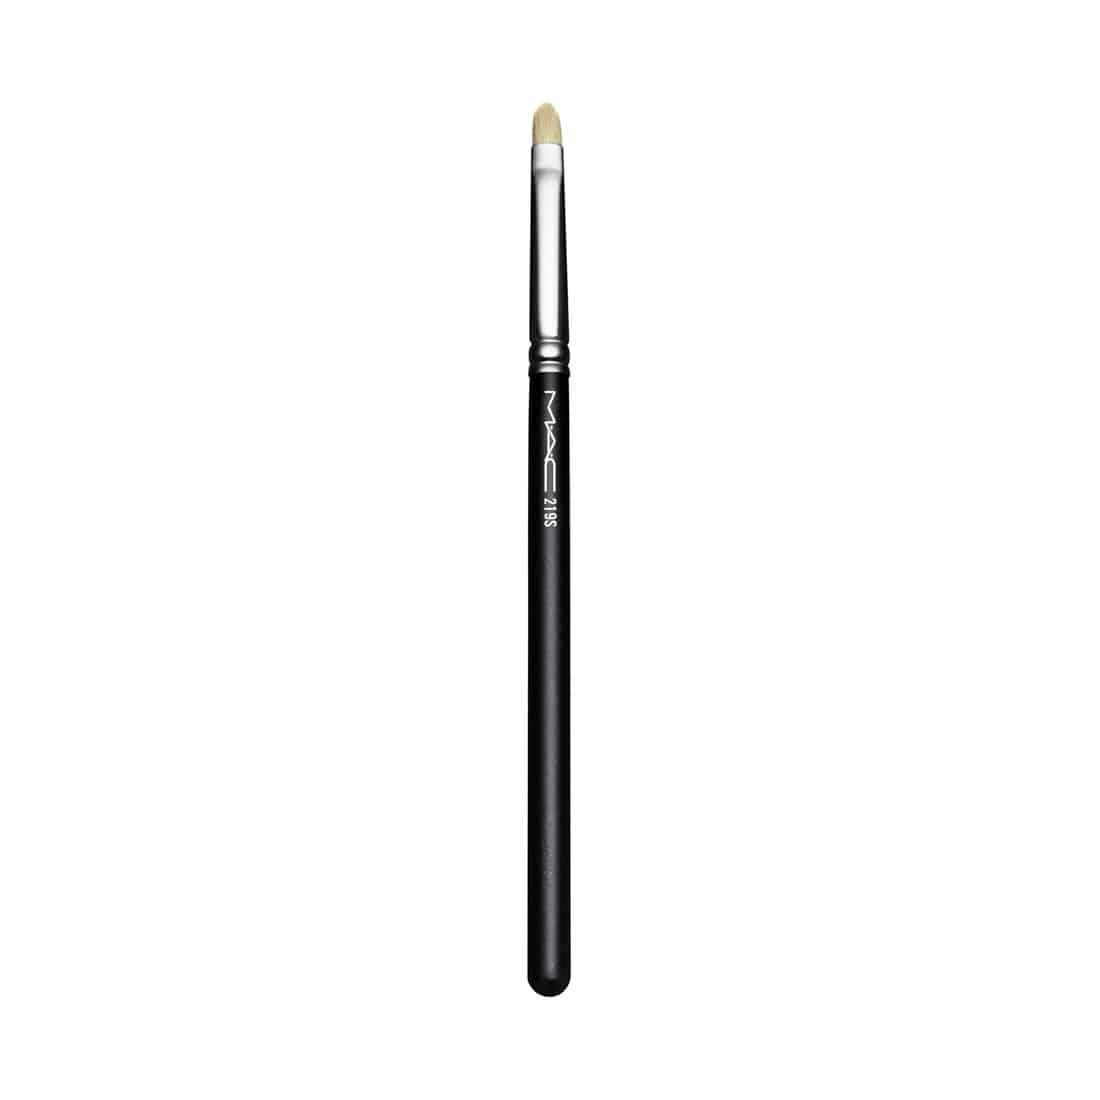 219S Pencil